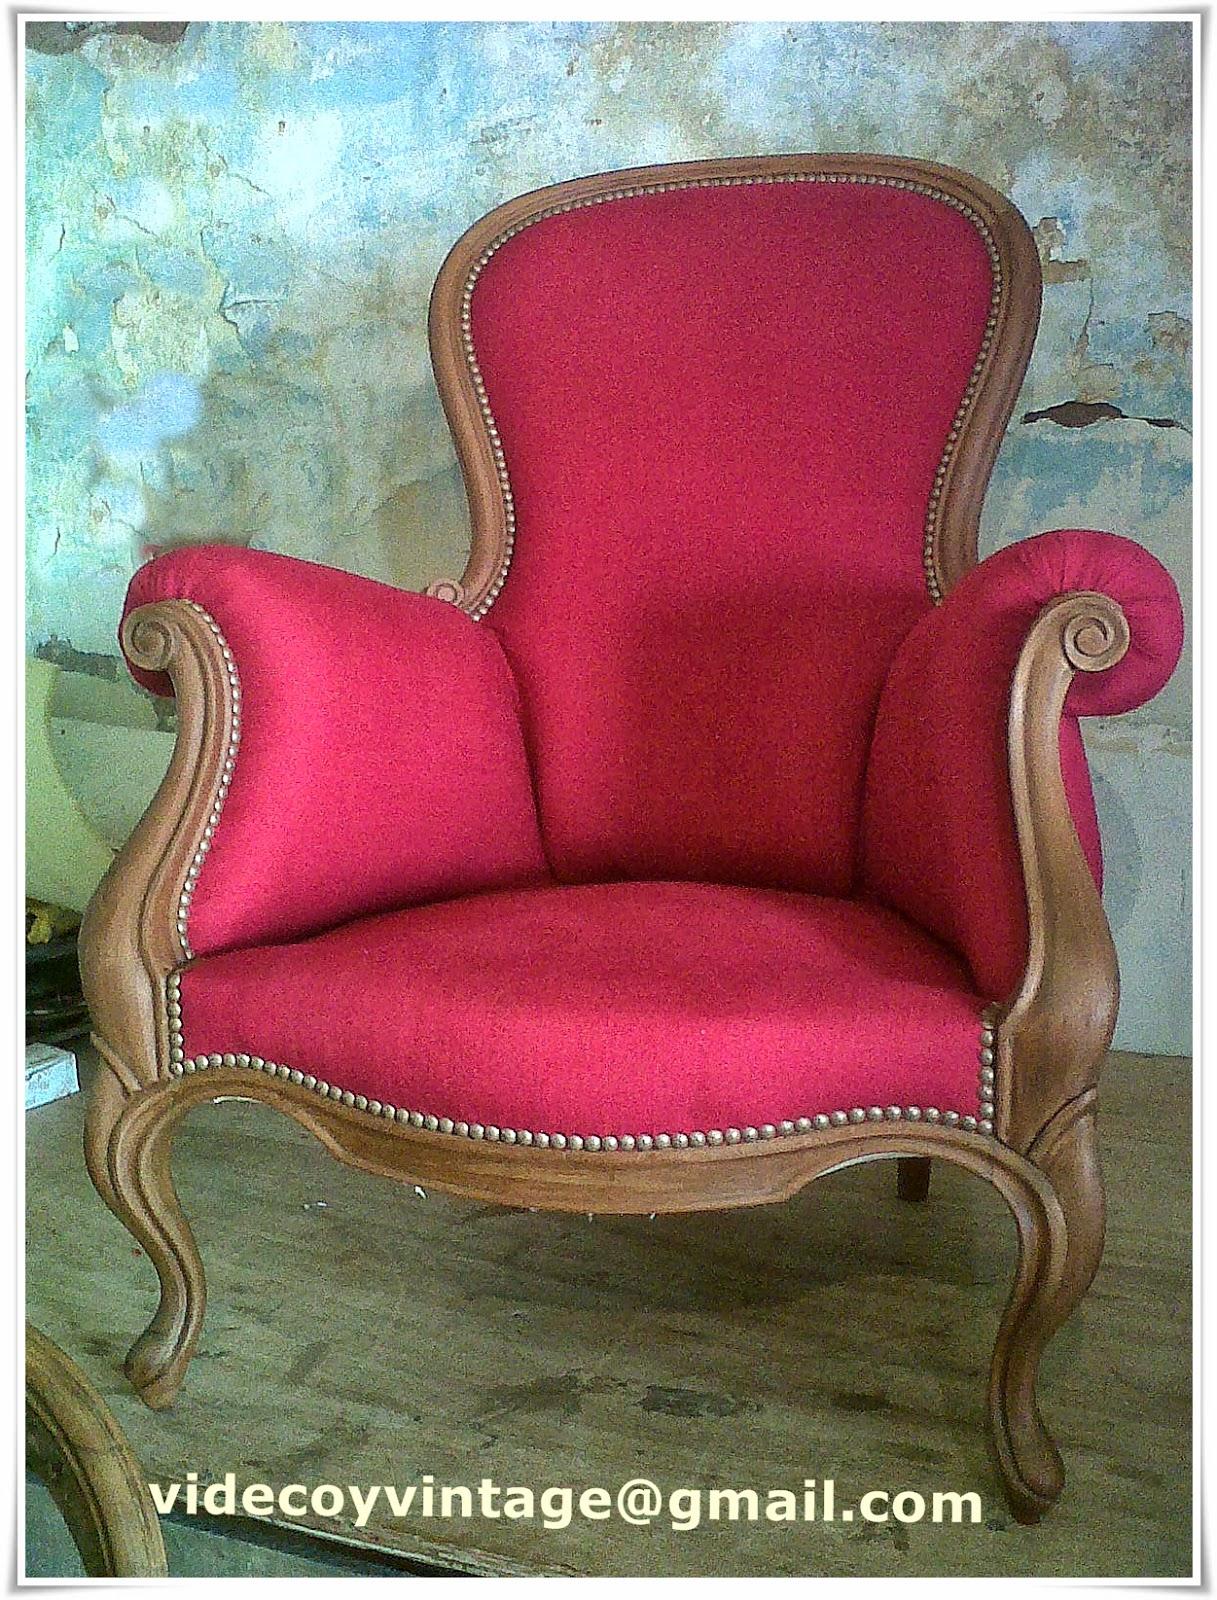 Videcoyvintage deco renovando sillones de estilo - Sillones de estilo ...